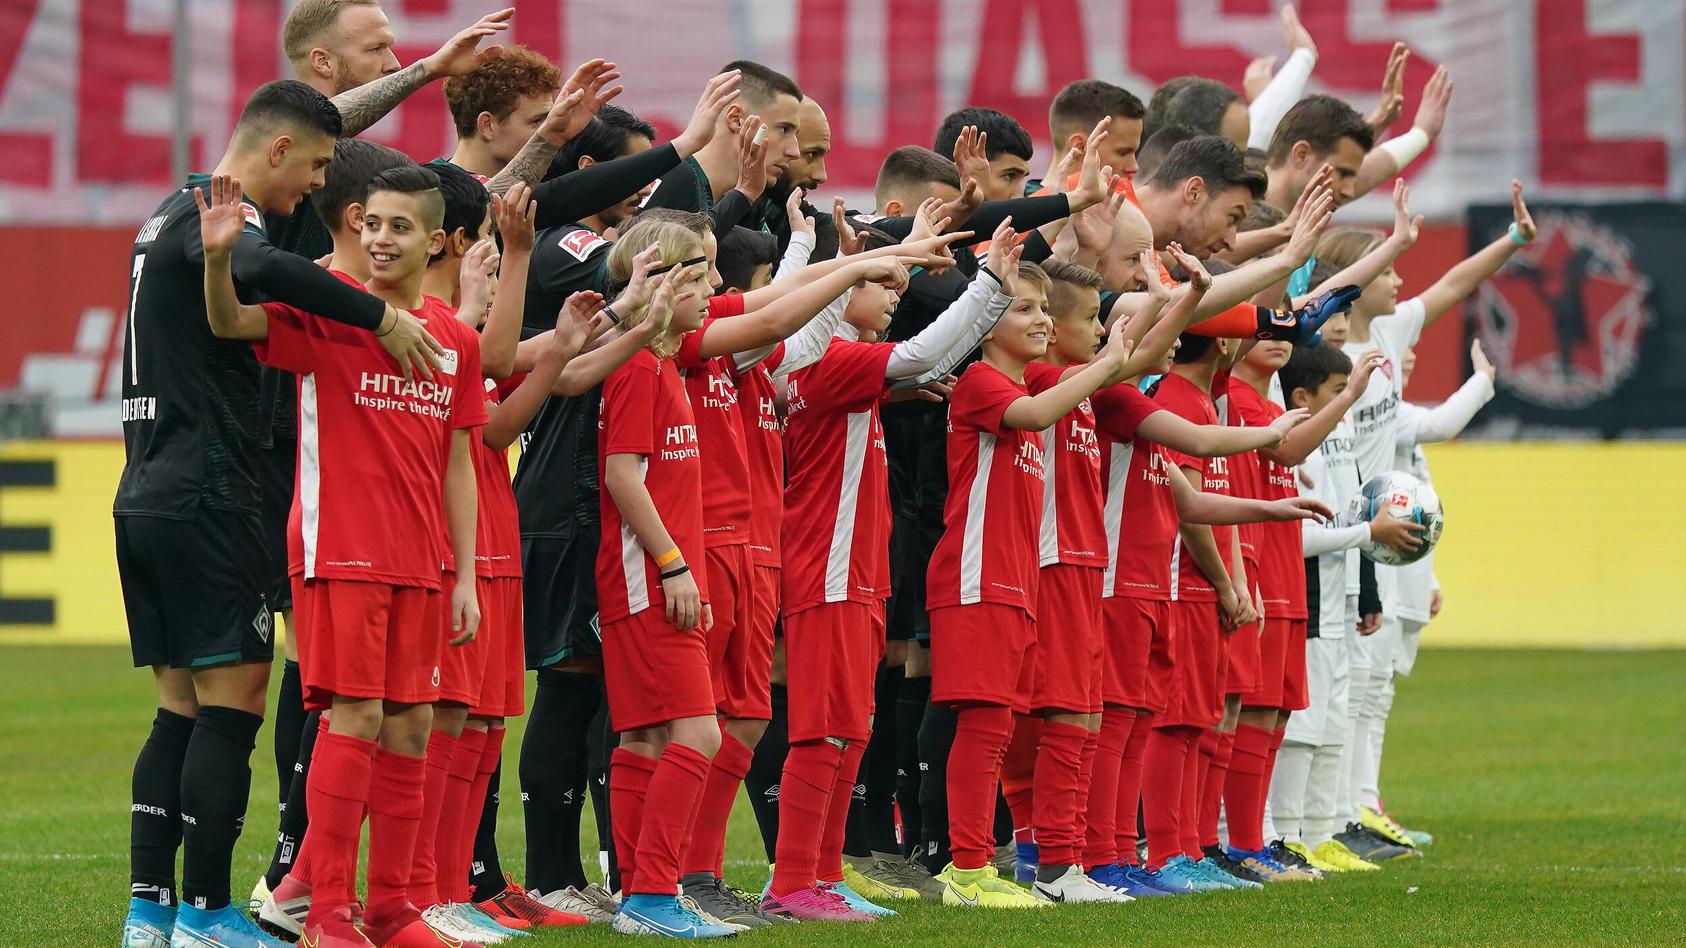 Einlaufkinder bei Fortuna Düsseldorf gegen Werder Bremen